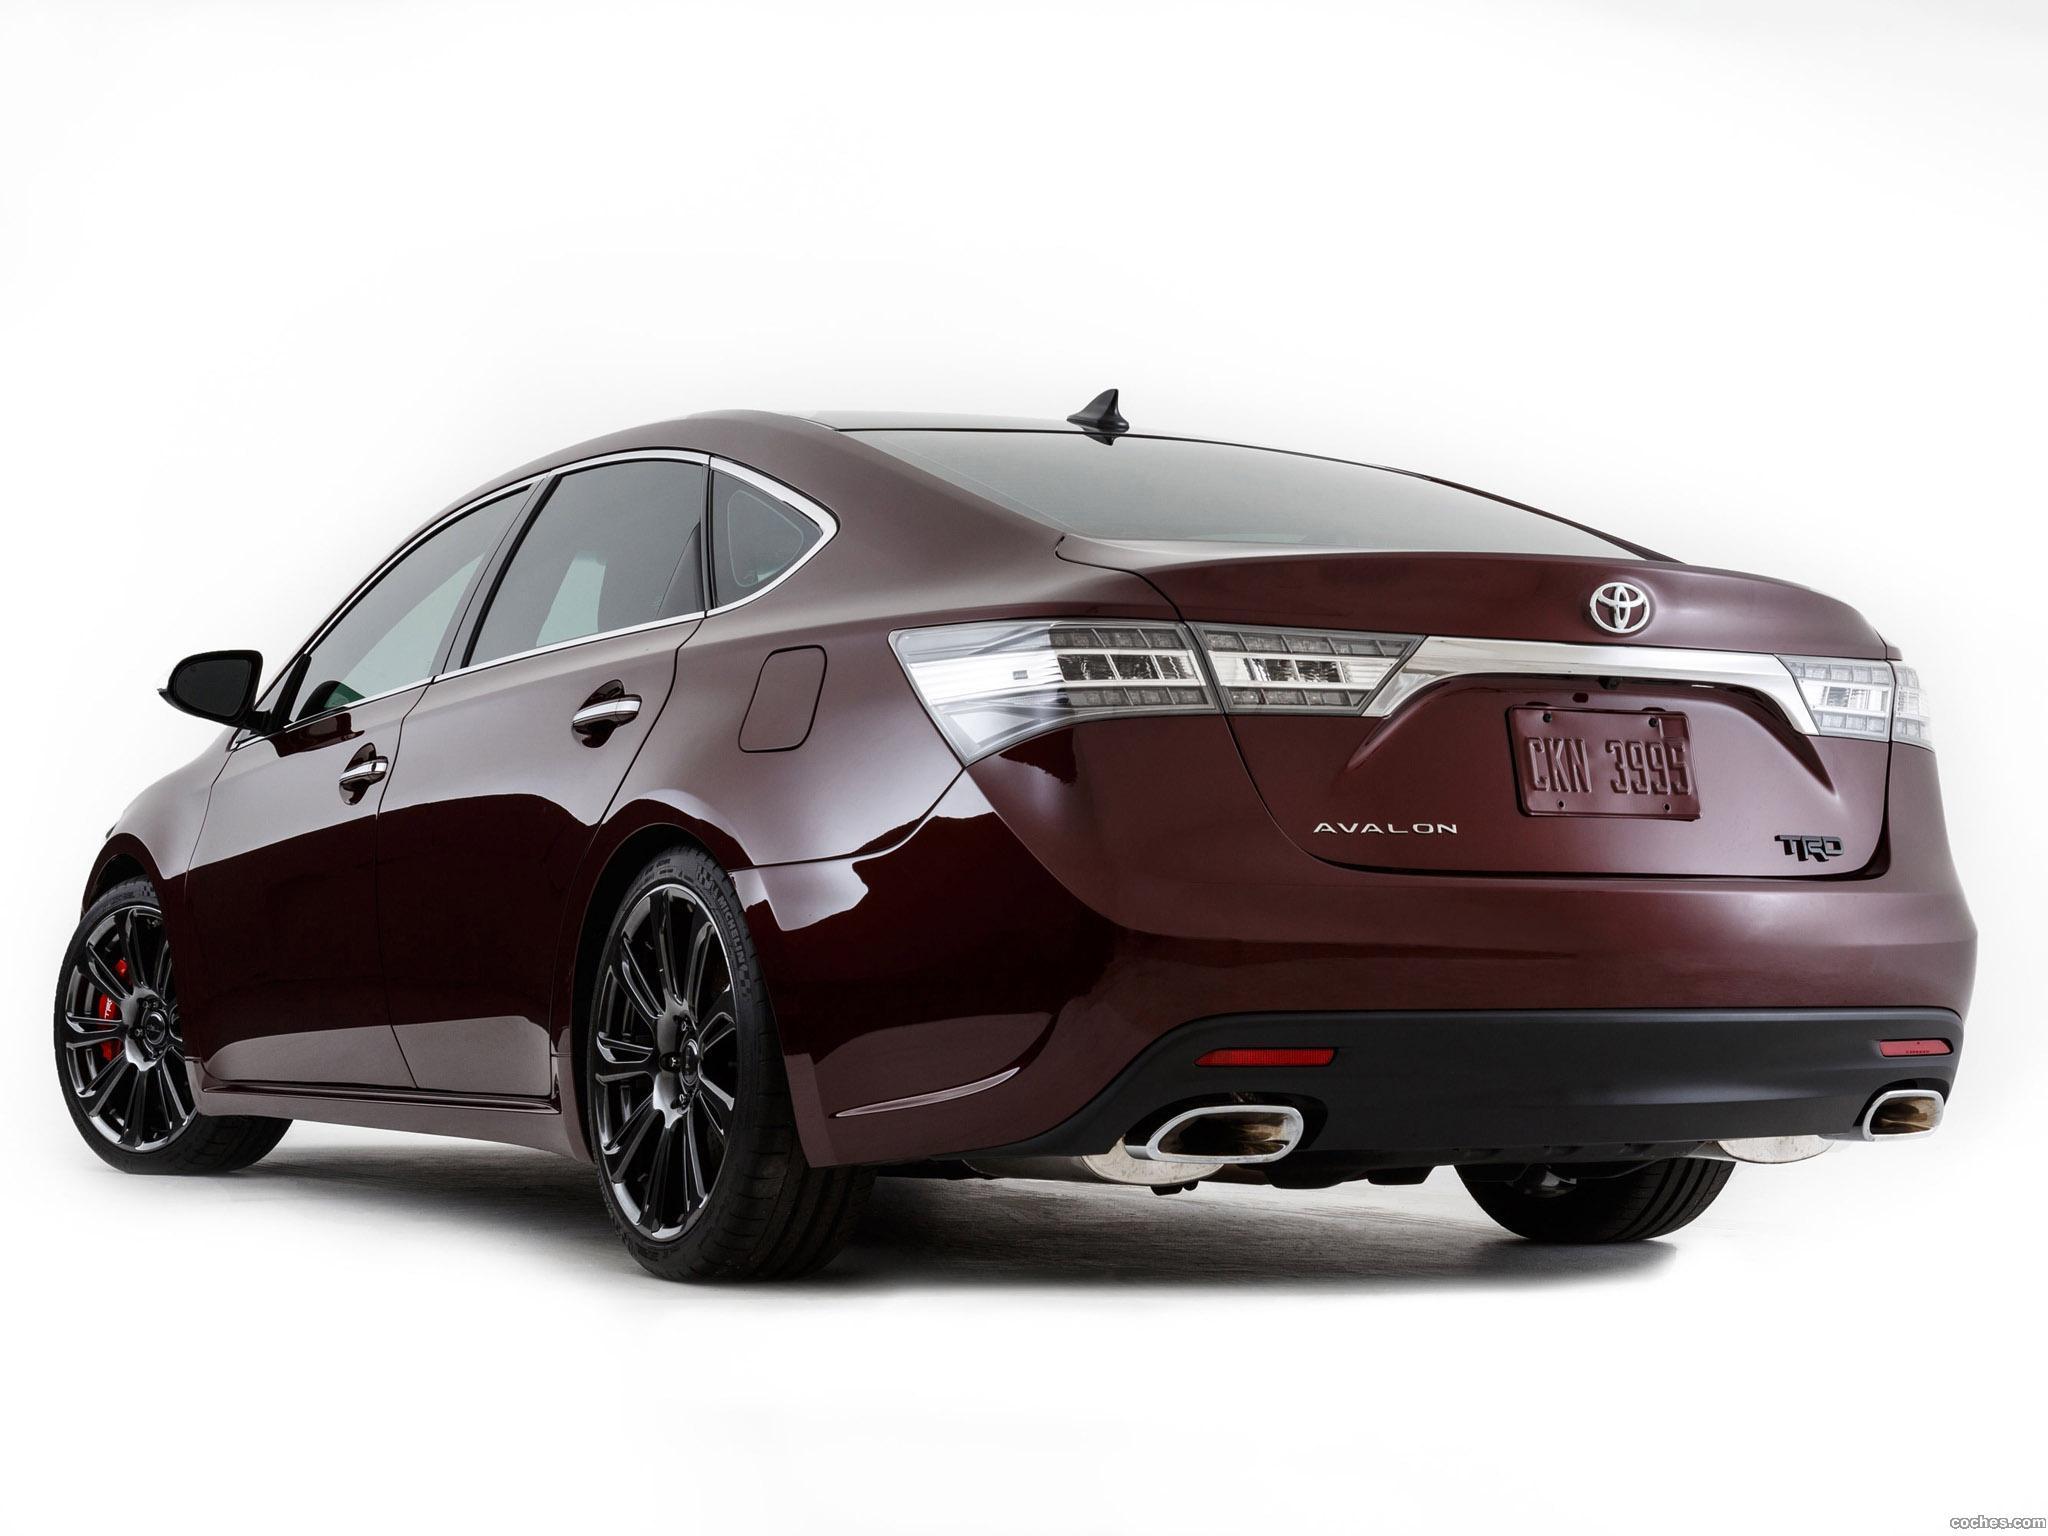 Foto 1 de Toyota TRD Avalon 2012